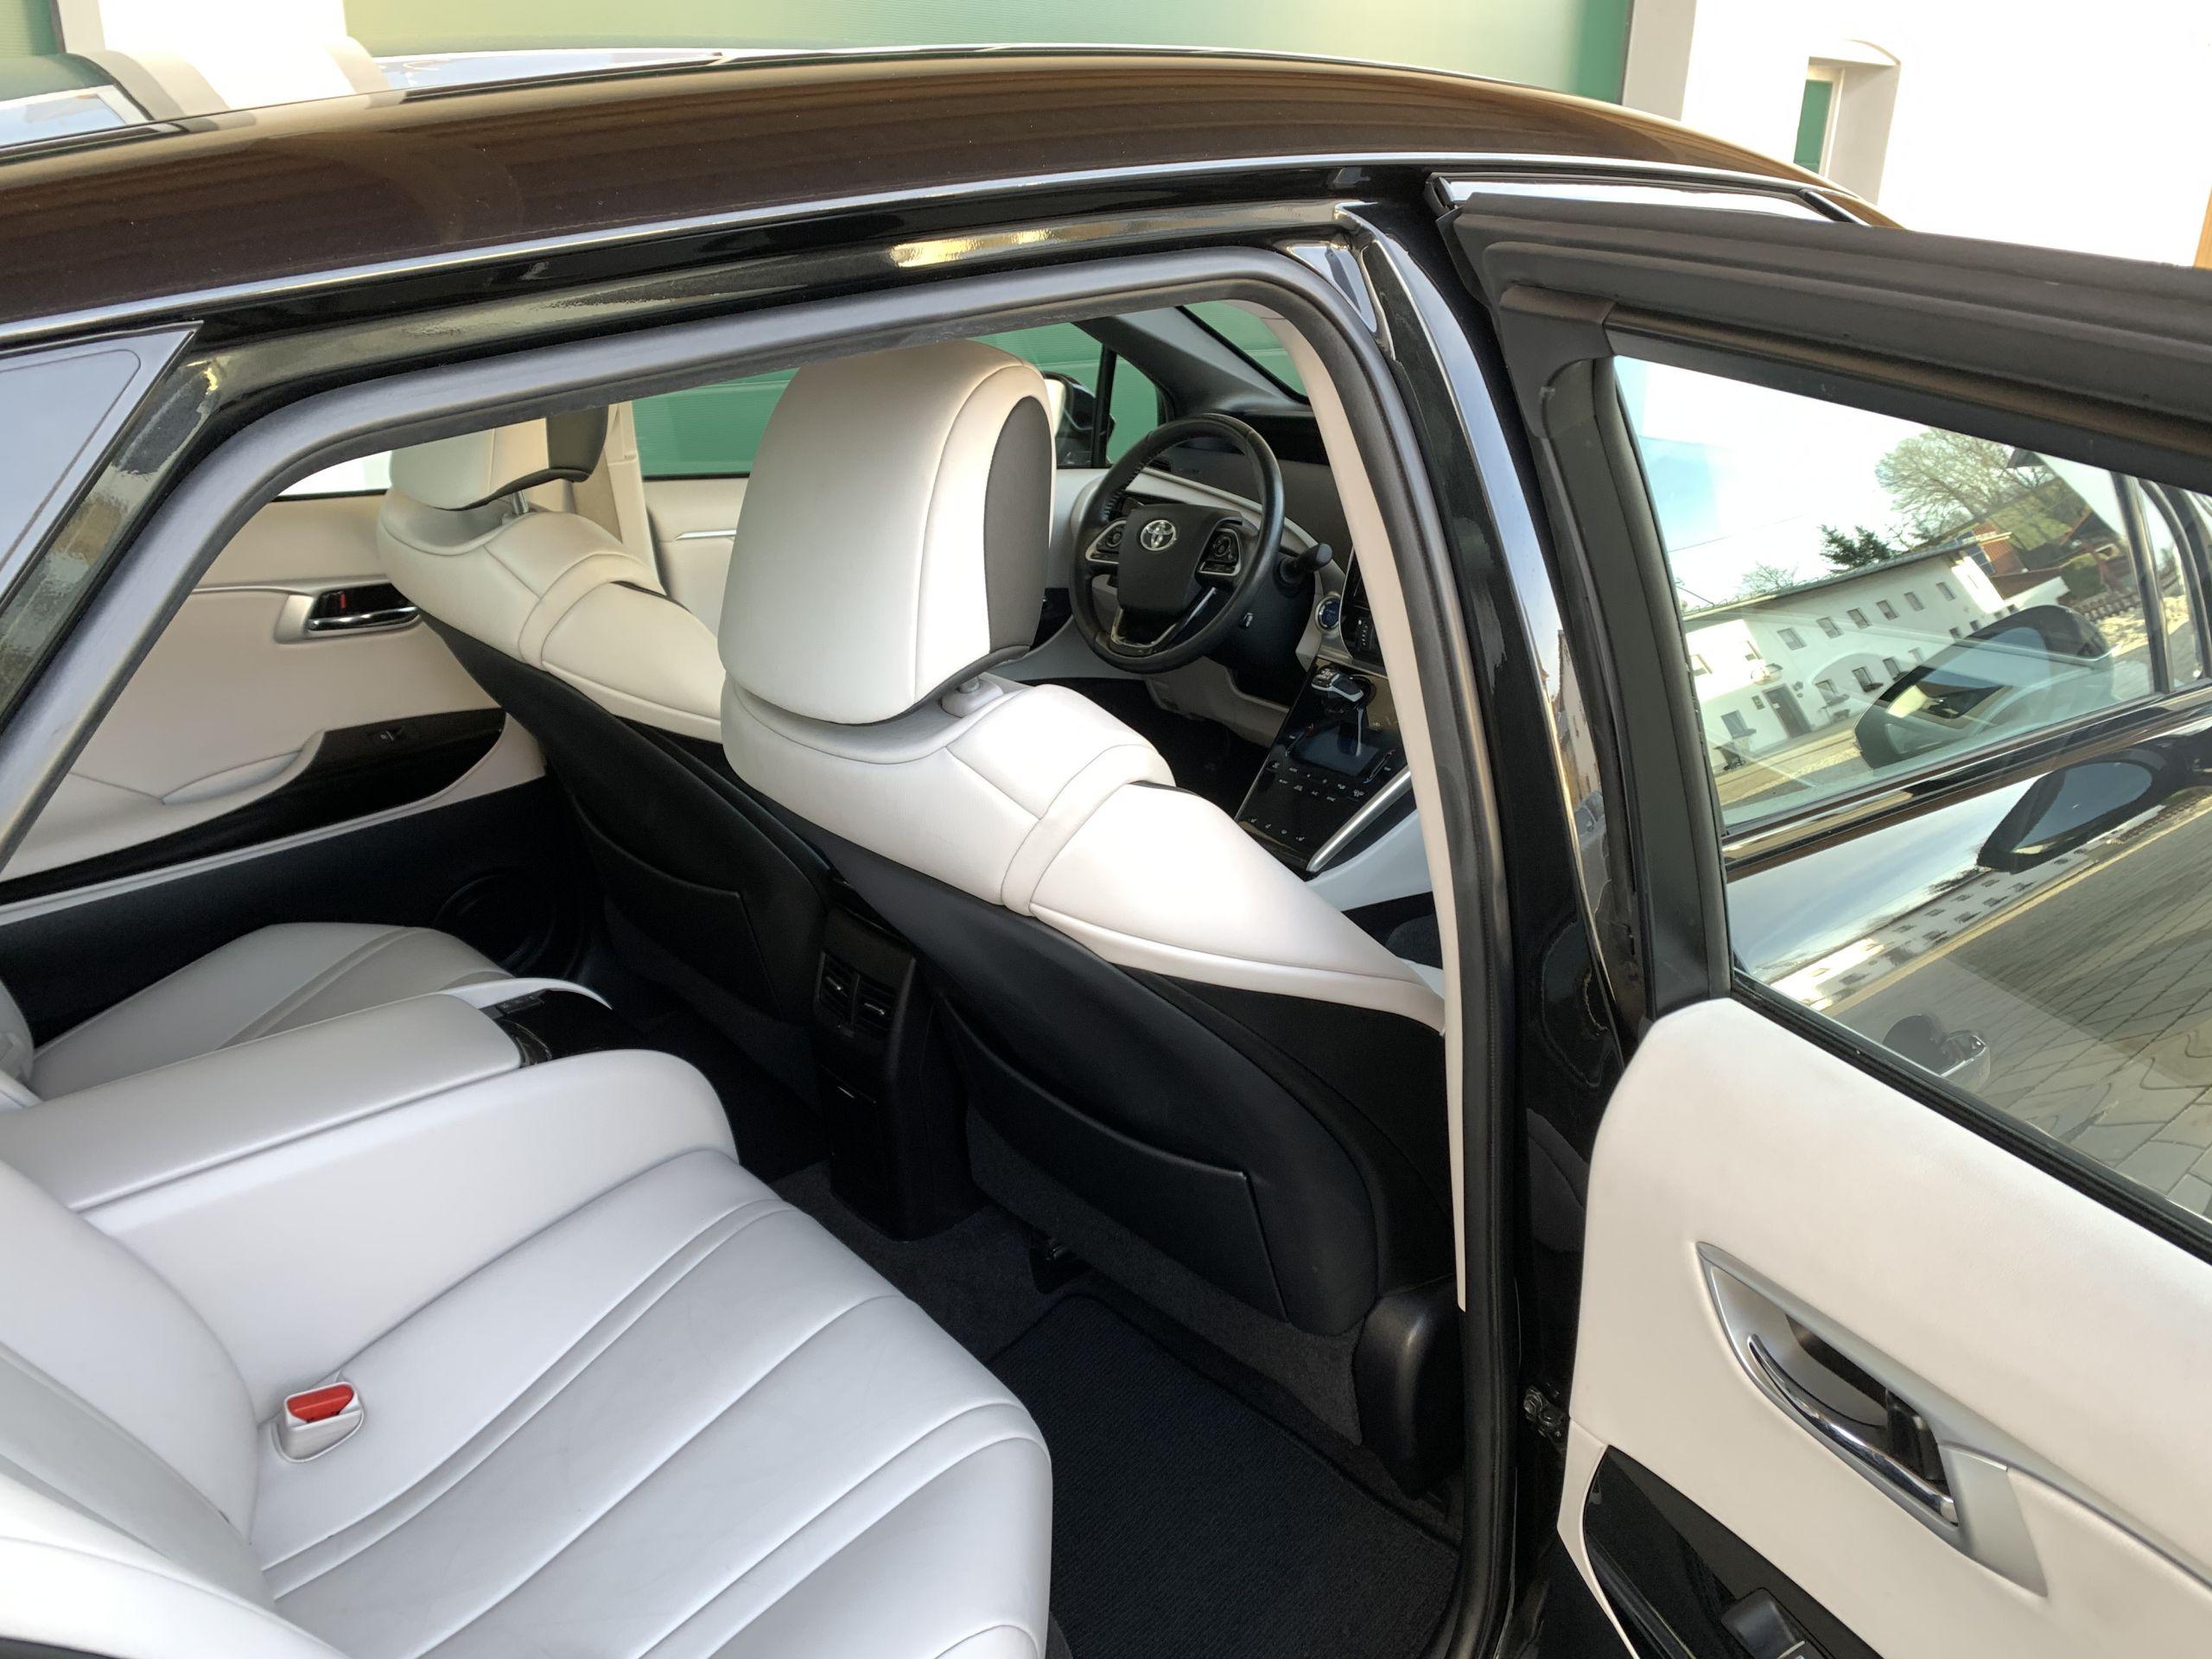 Schwarzer Gebraucht Toyota Mirai Wasserstoff Brennstoffzelle zu verkaufen Deutschland 13